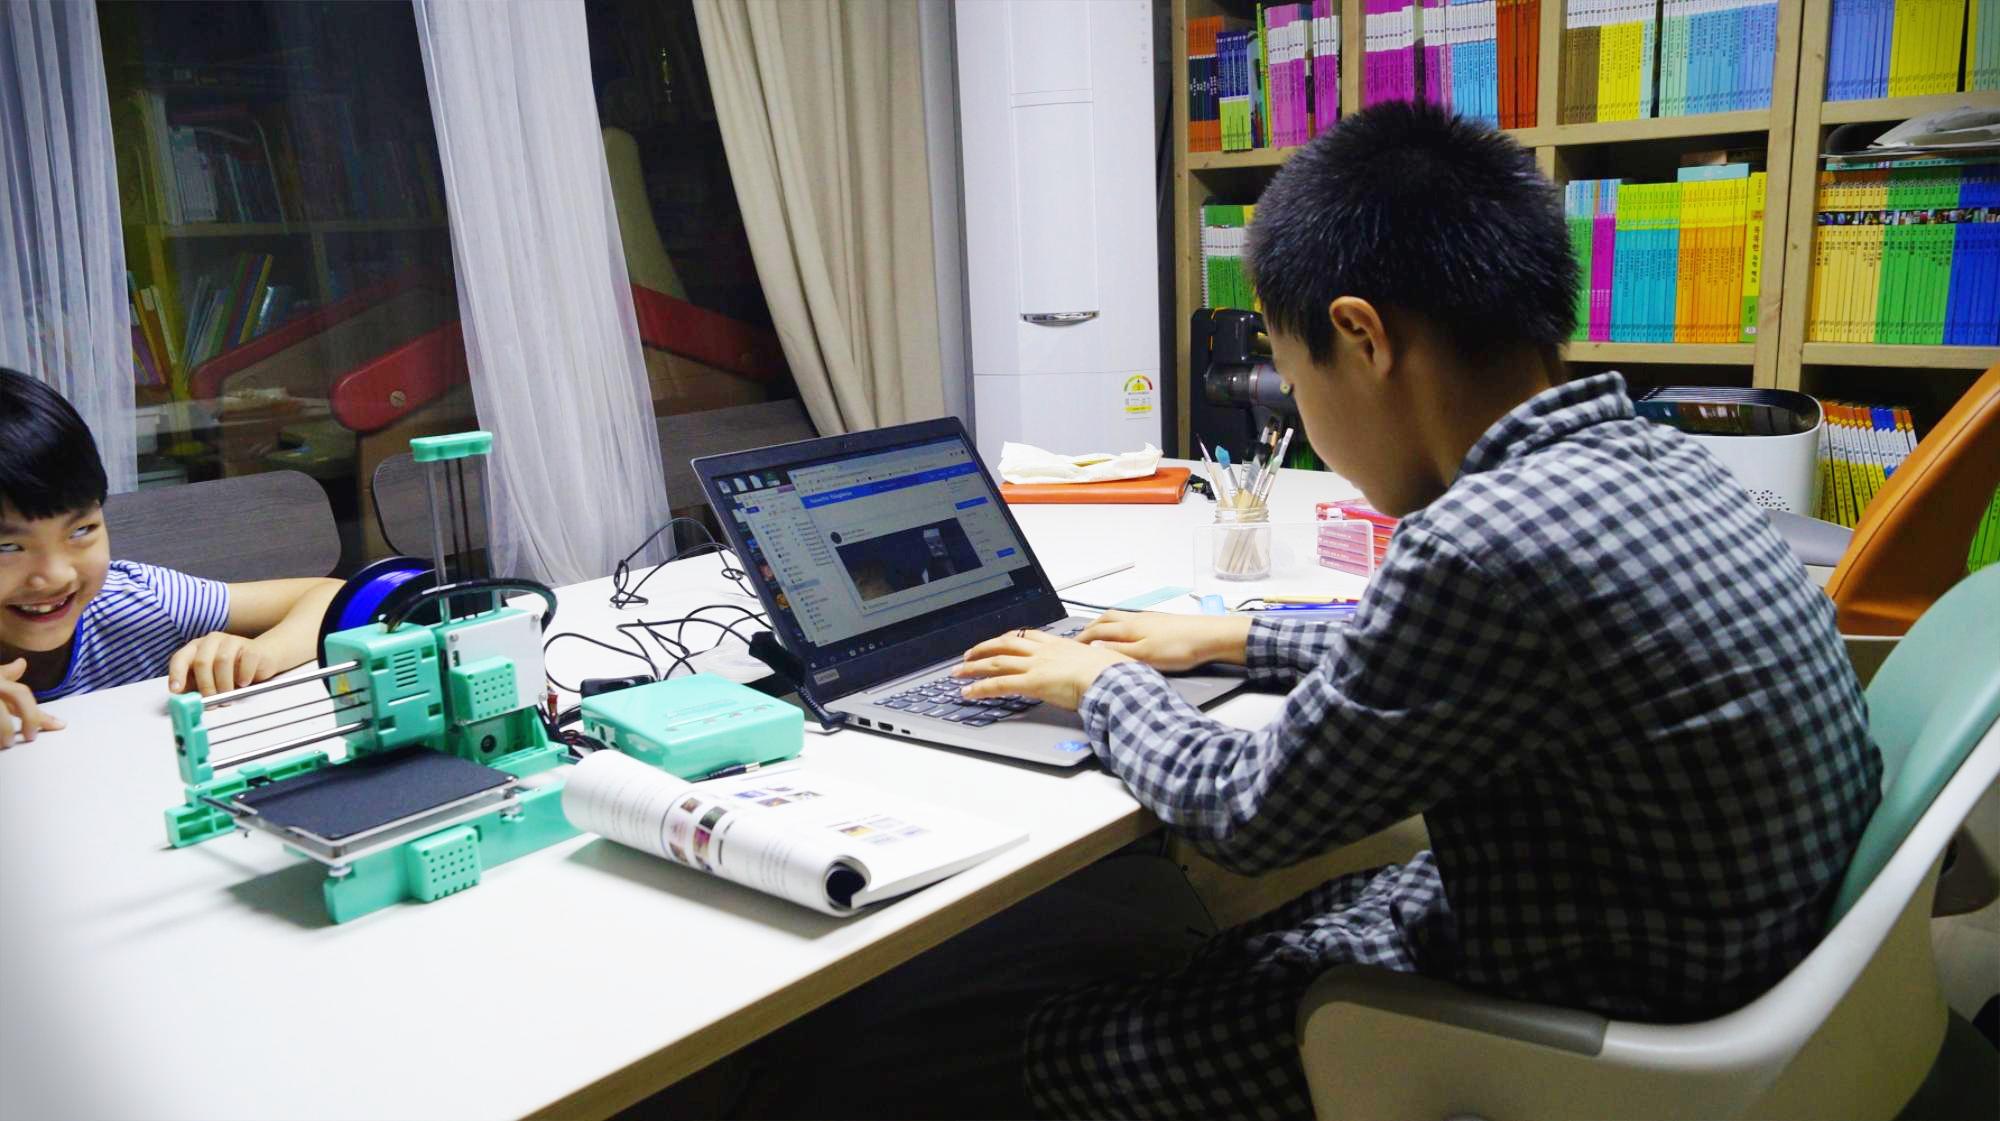 손도리닷컴 피코 3D 프린터